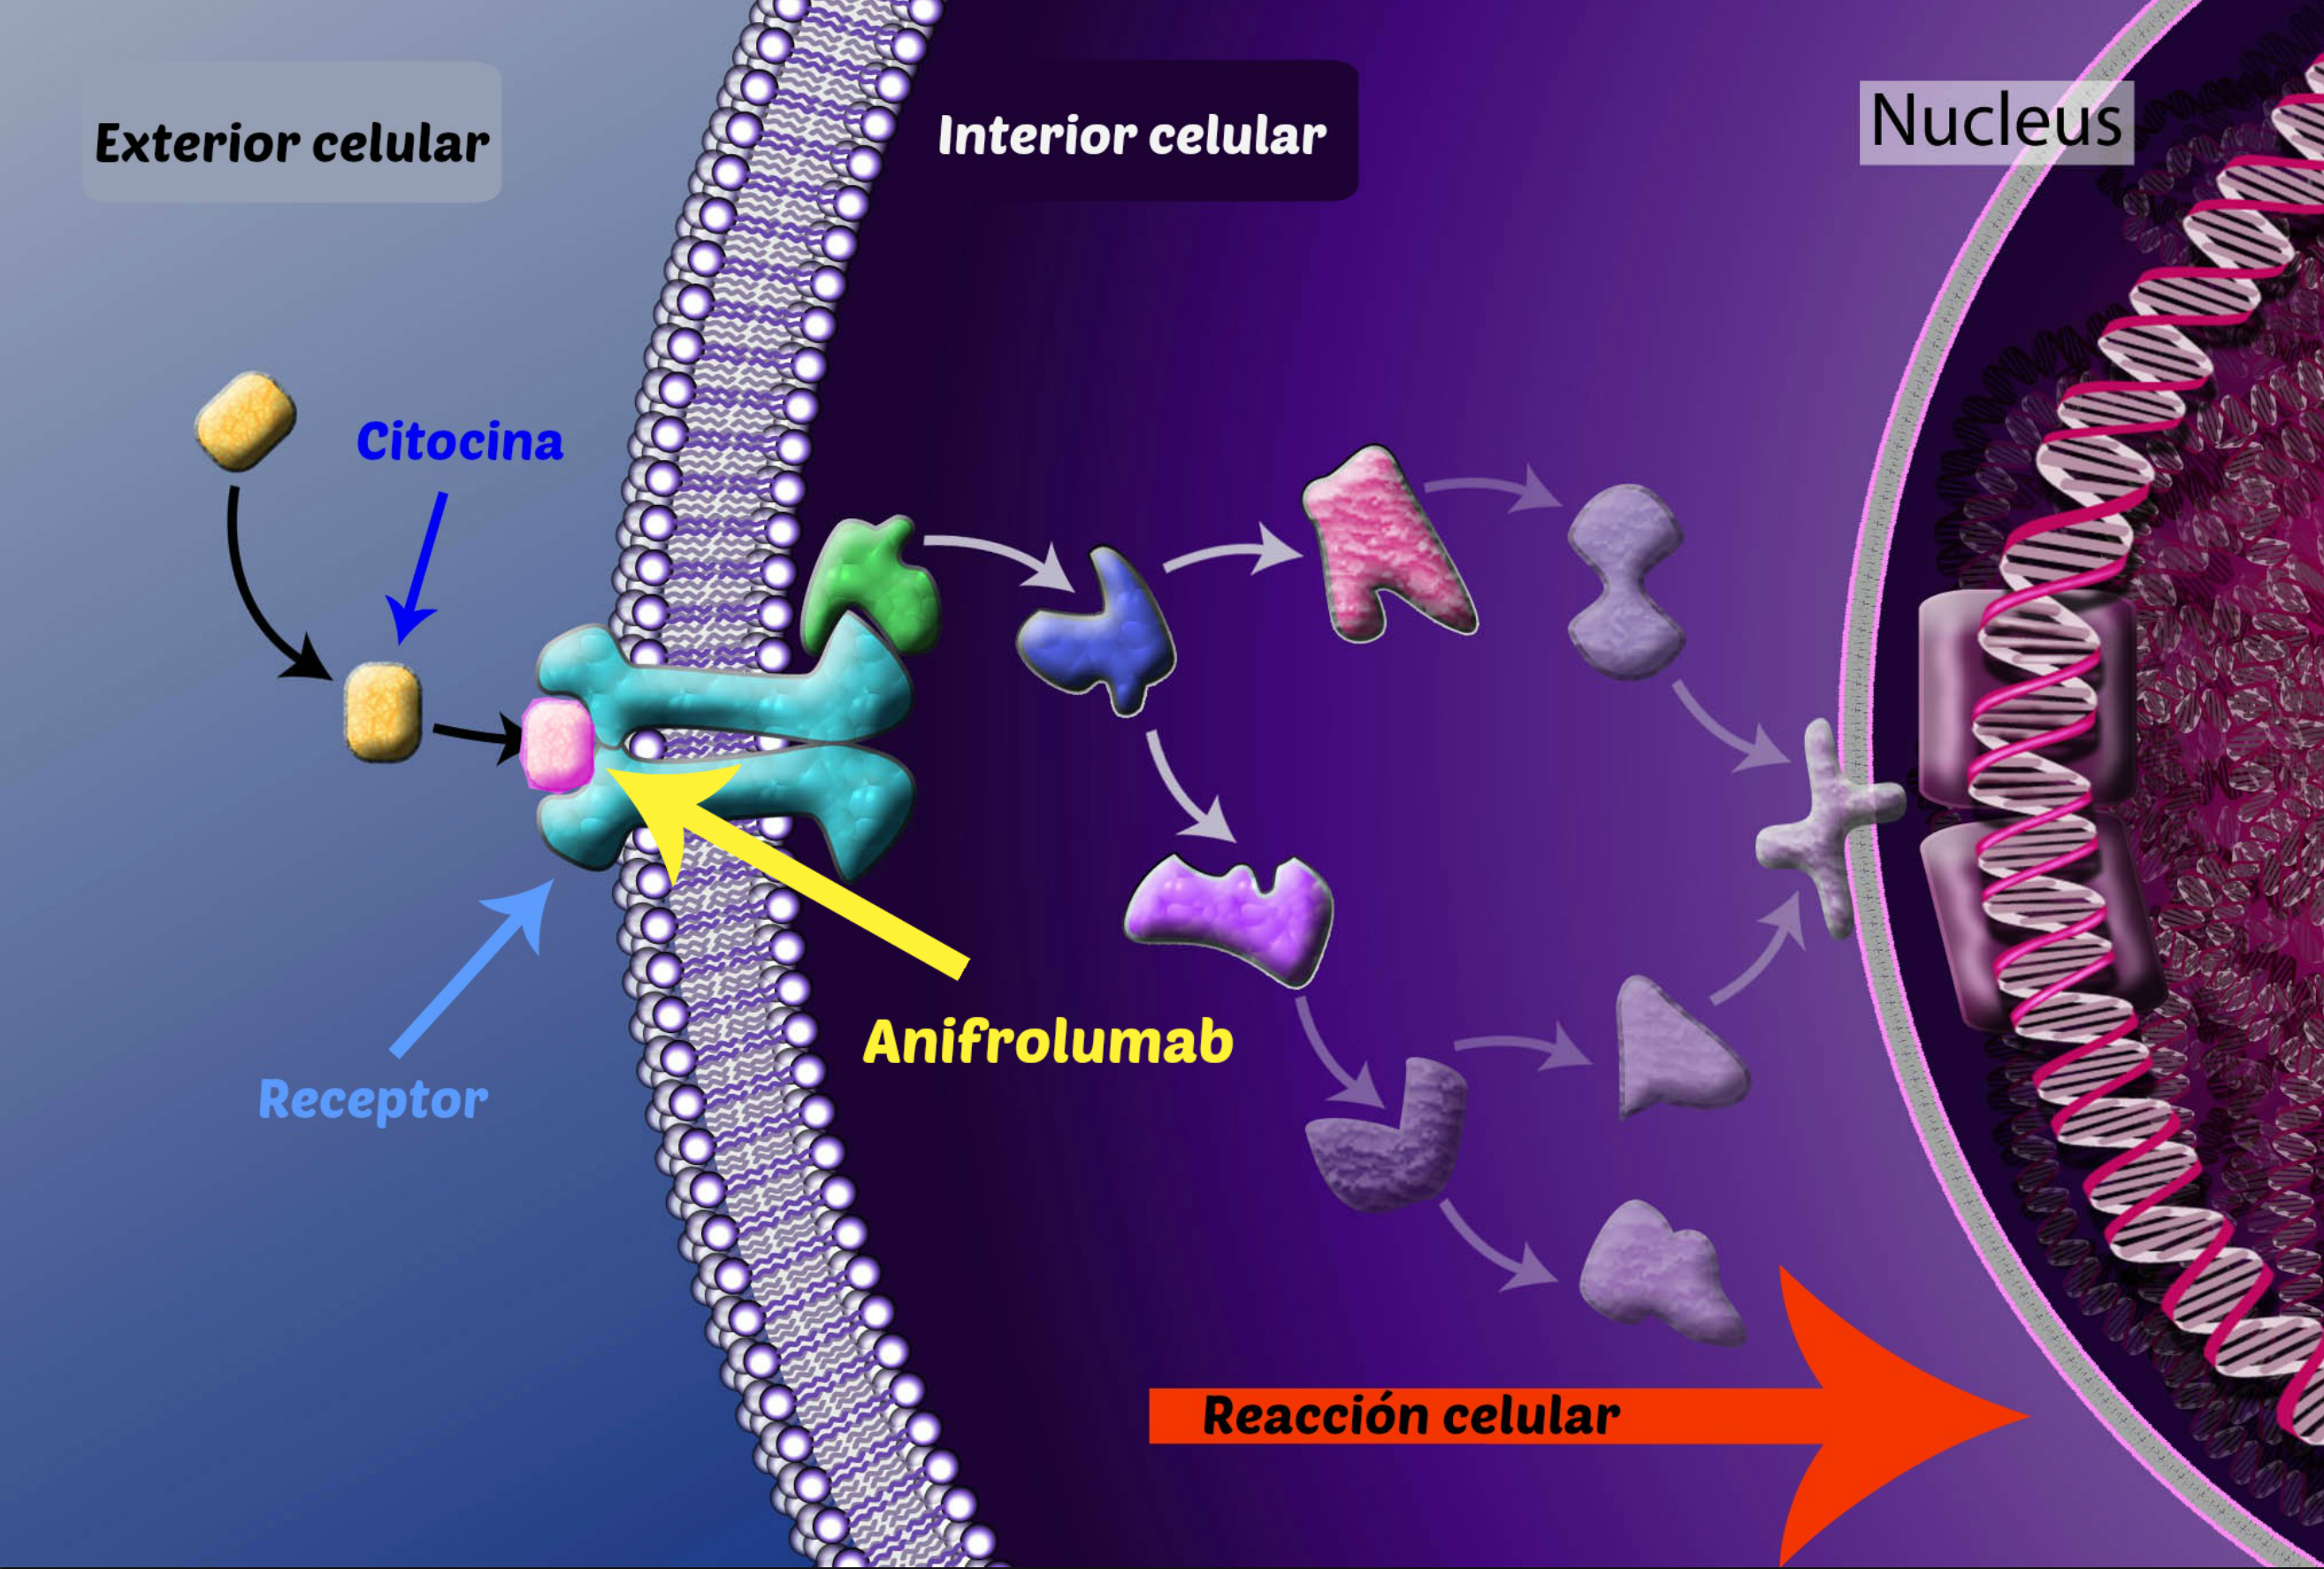 El anifrolumab bloqueará el receptor por el que las citocinas entrarían a las células, impidiendo su entrada.